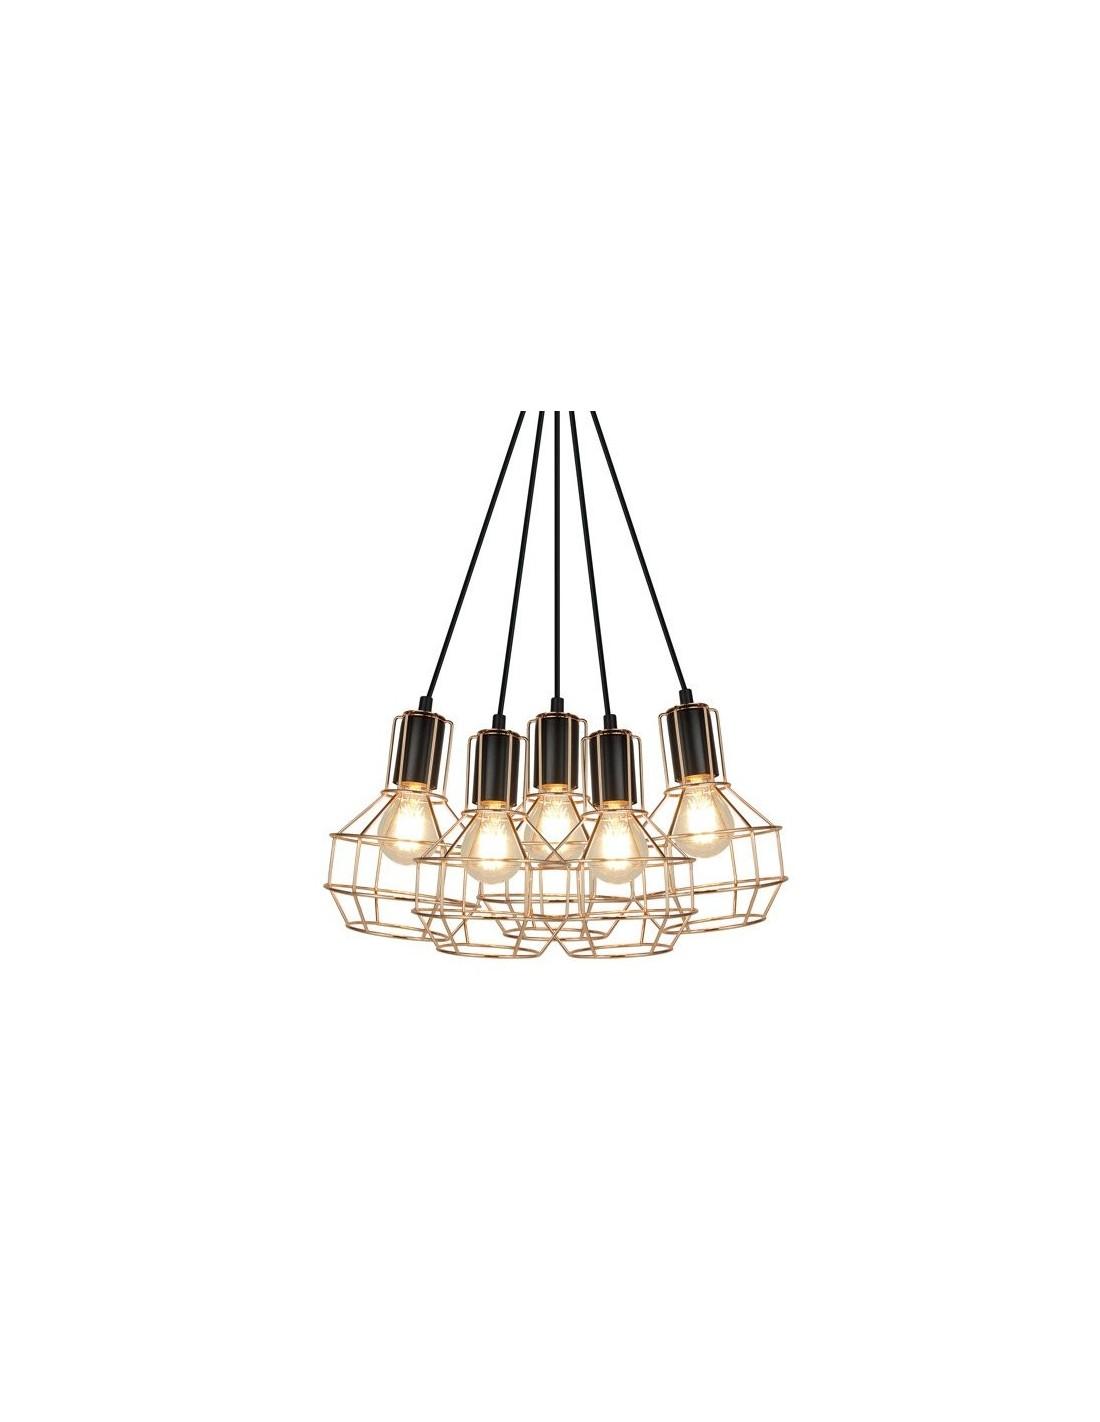 Lampa wisząca Giulio 5 punktowa miedziana P12105 L 5 Zuma